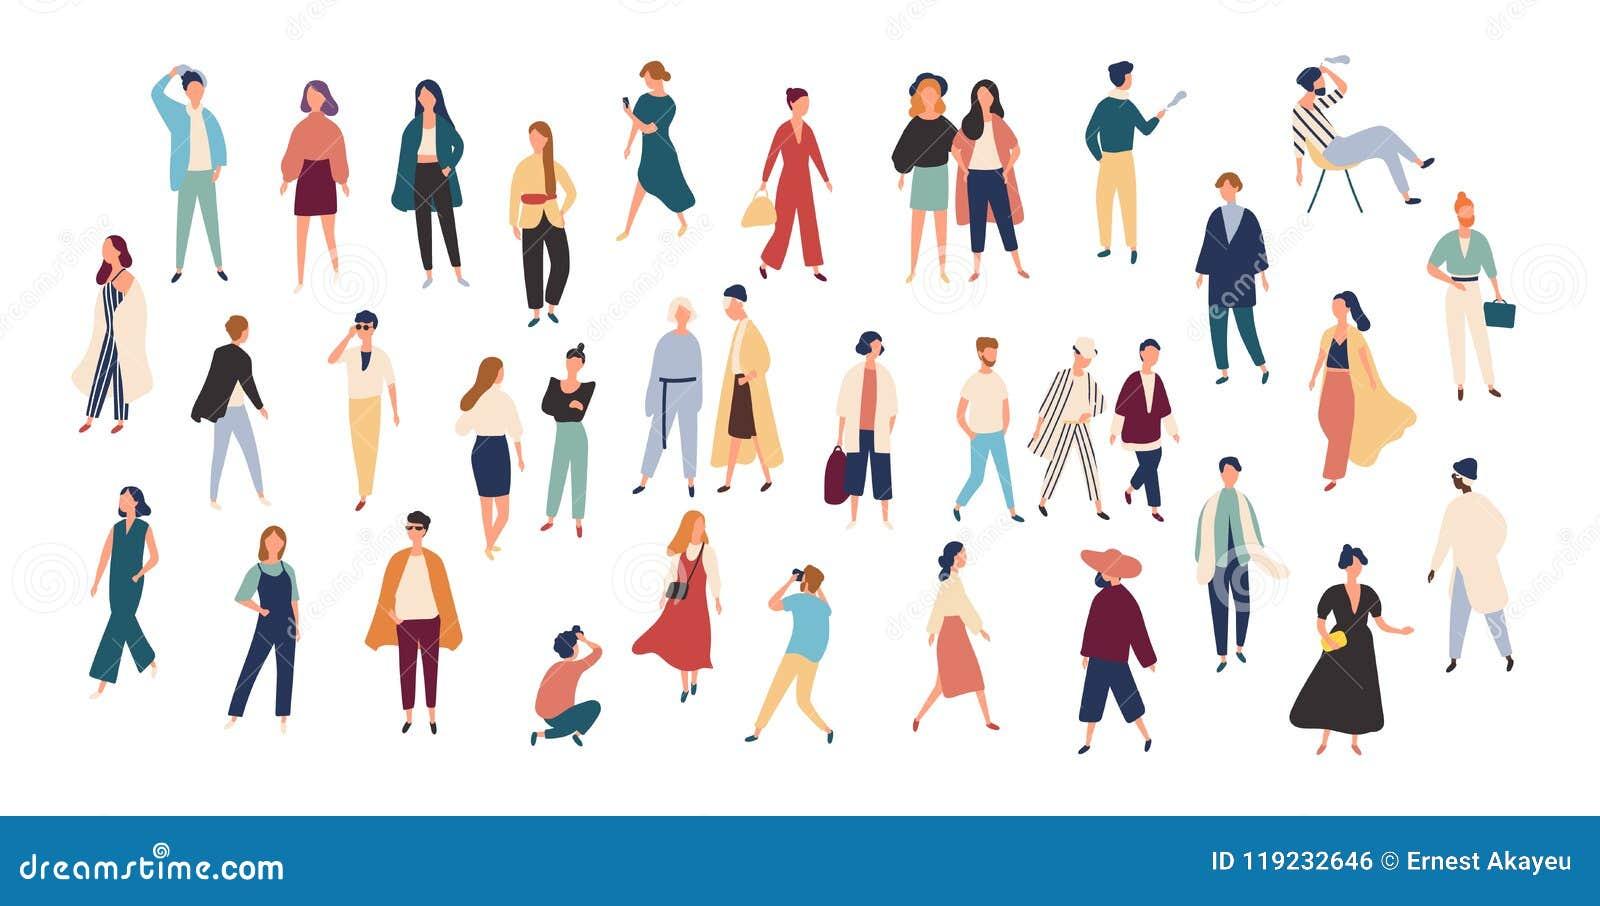 Menge von den kleinen Leuten, die stilvolle Kleidung tragen Moderne Männer und Frauen an der Modewoche Gruppe des Mannes und der